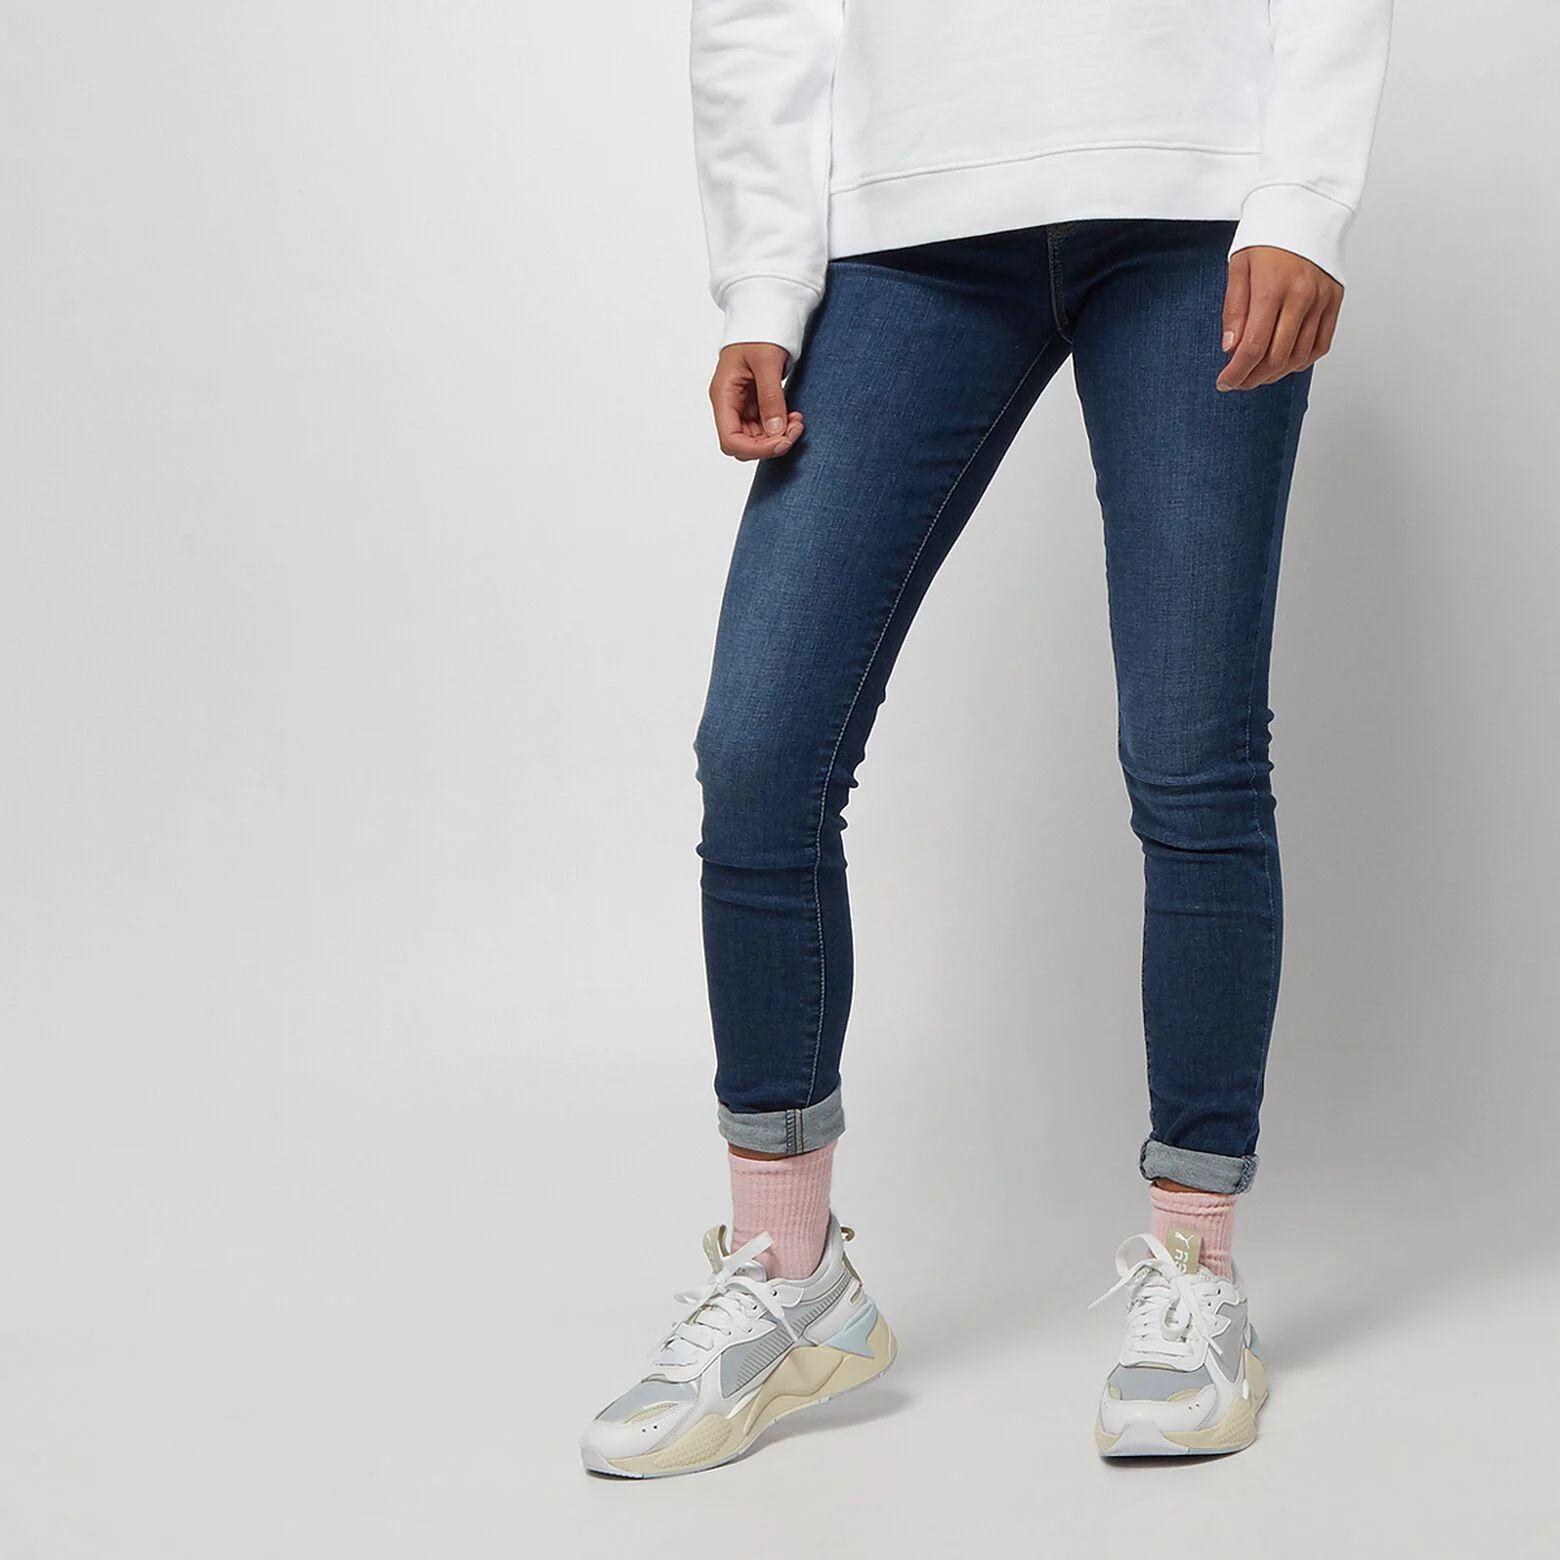 Pantalones Levis 710. Todas las tallas desde la 25 a la 30. Otro modelo al mismo precio en descripción